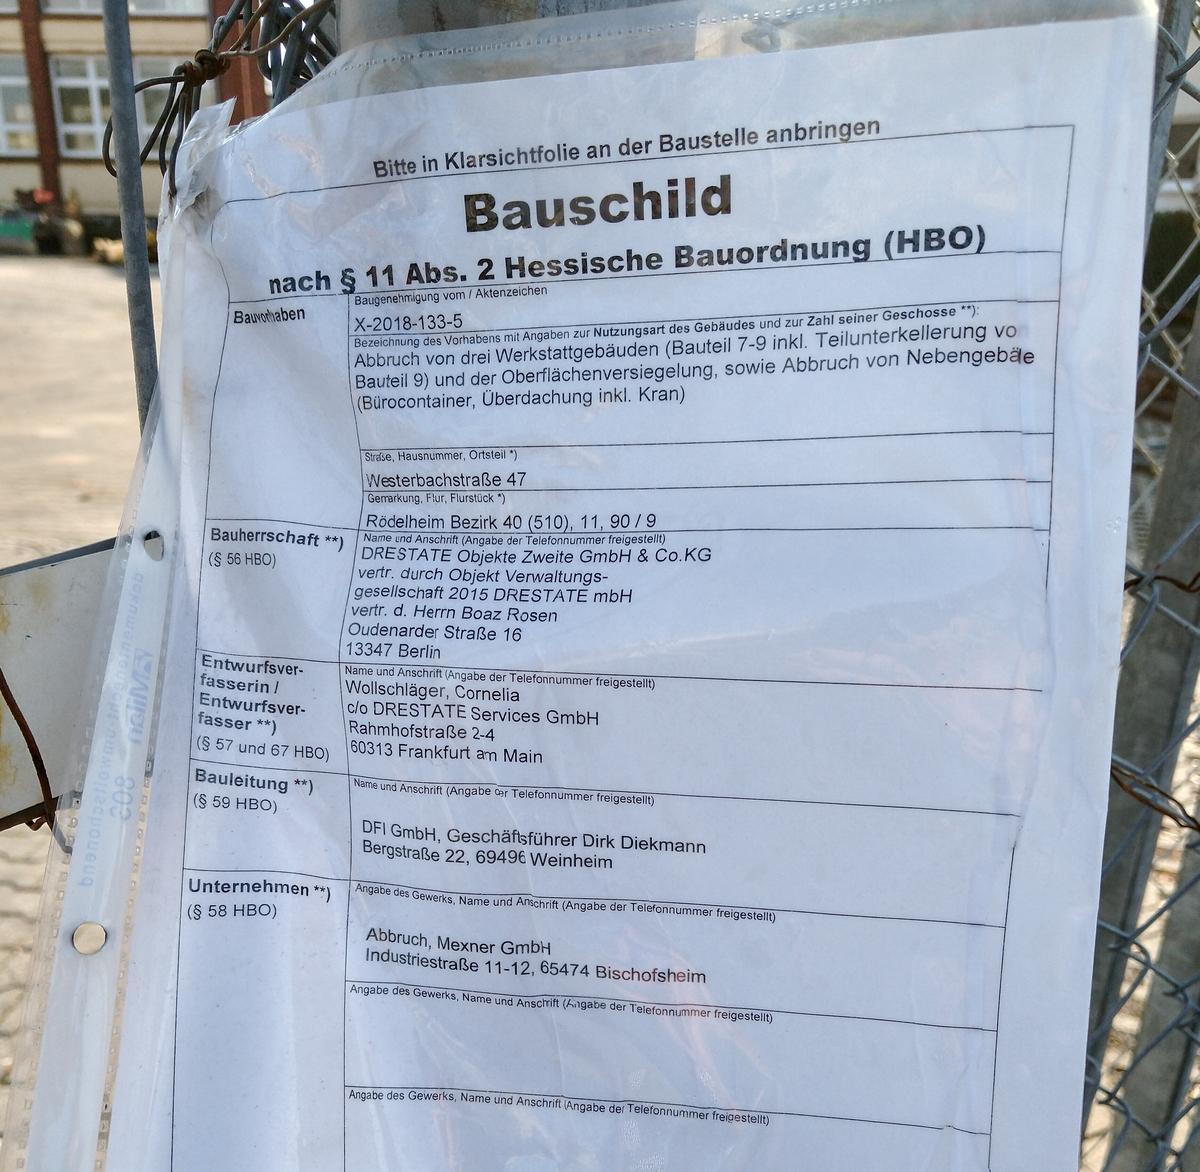 Bild: https://www.deutsches-architektur-forum.de/pics/schmittchen/westerbachstr.46_bauschild.jpg